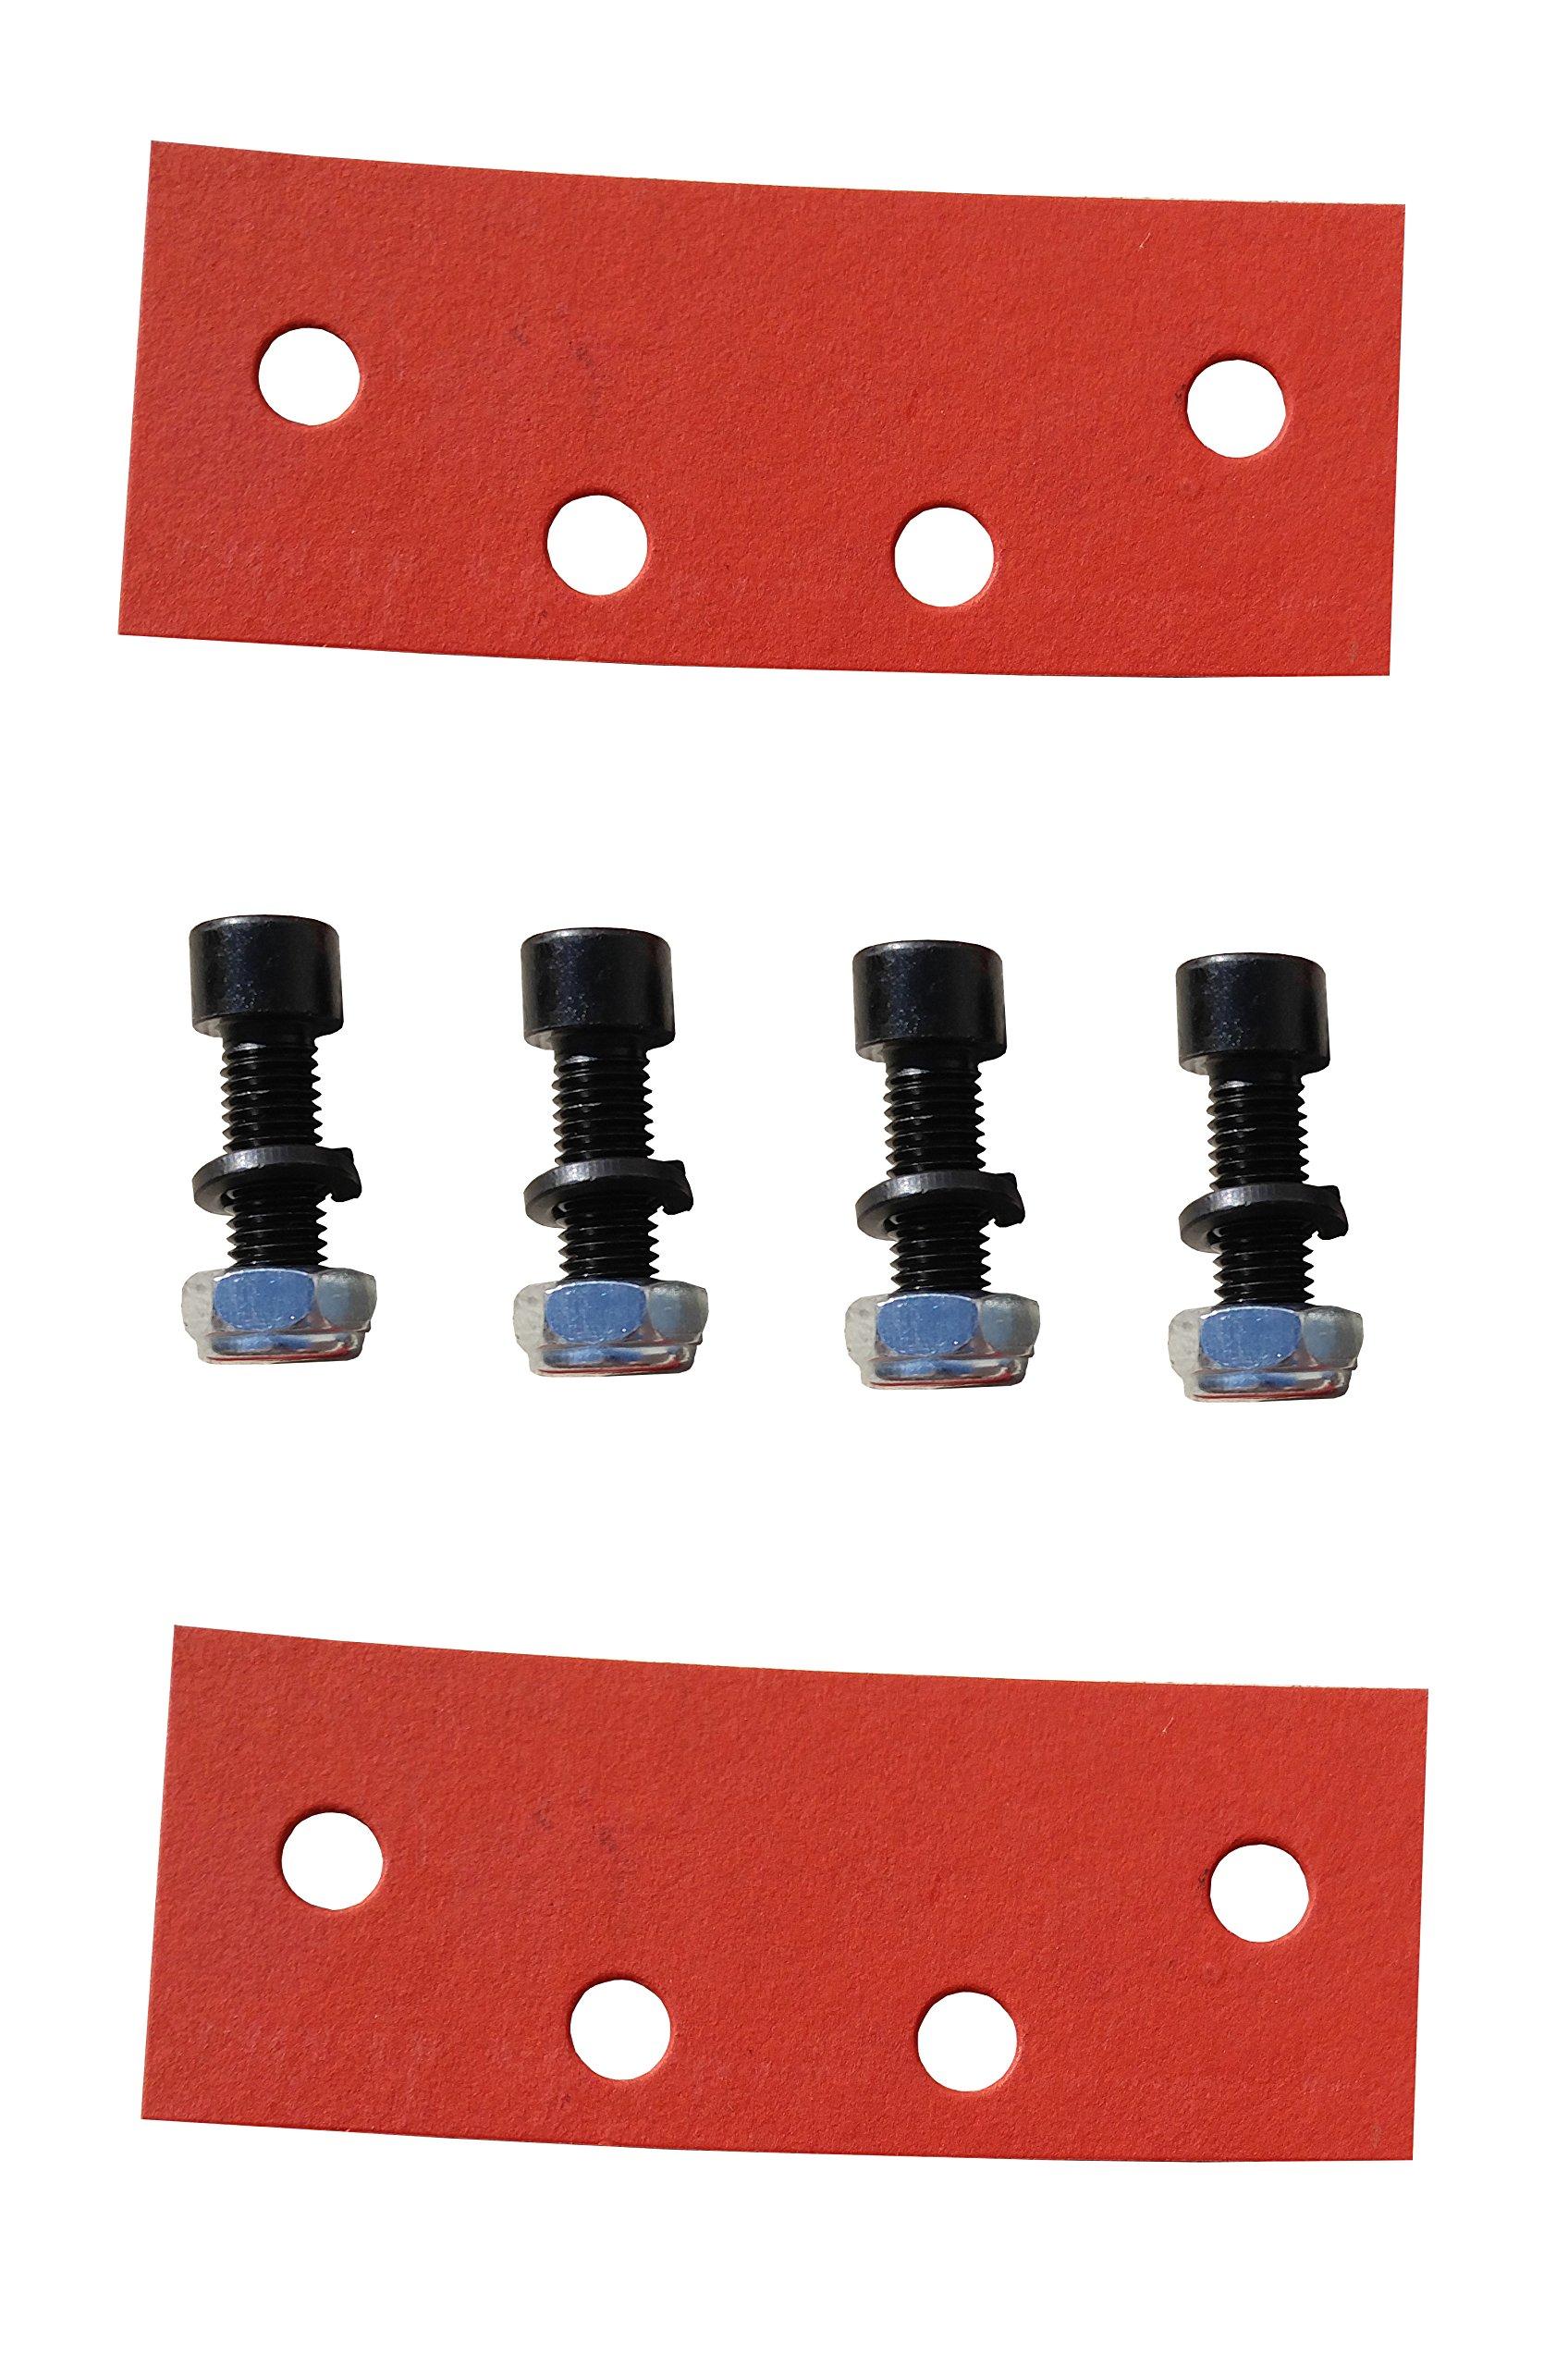 Repair kit for 6-in Wide Tile & THINSET REMOVAL BIT, Floor Scraper